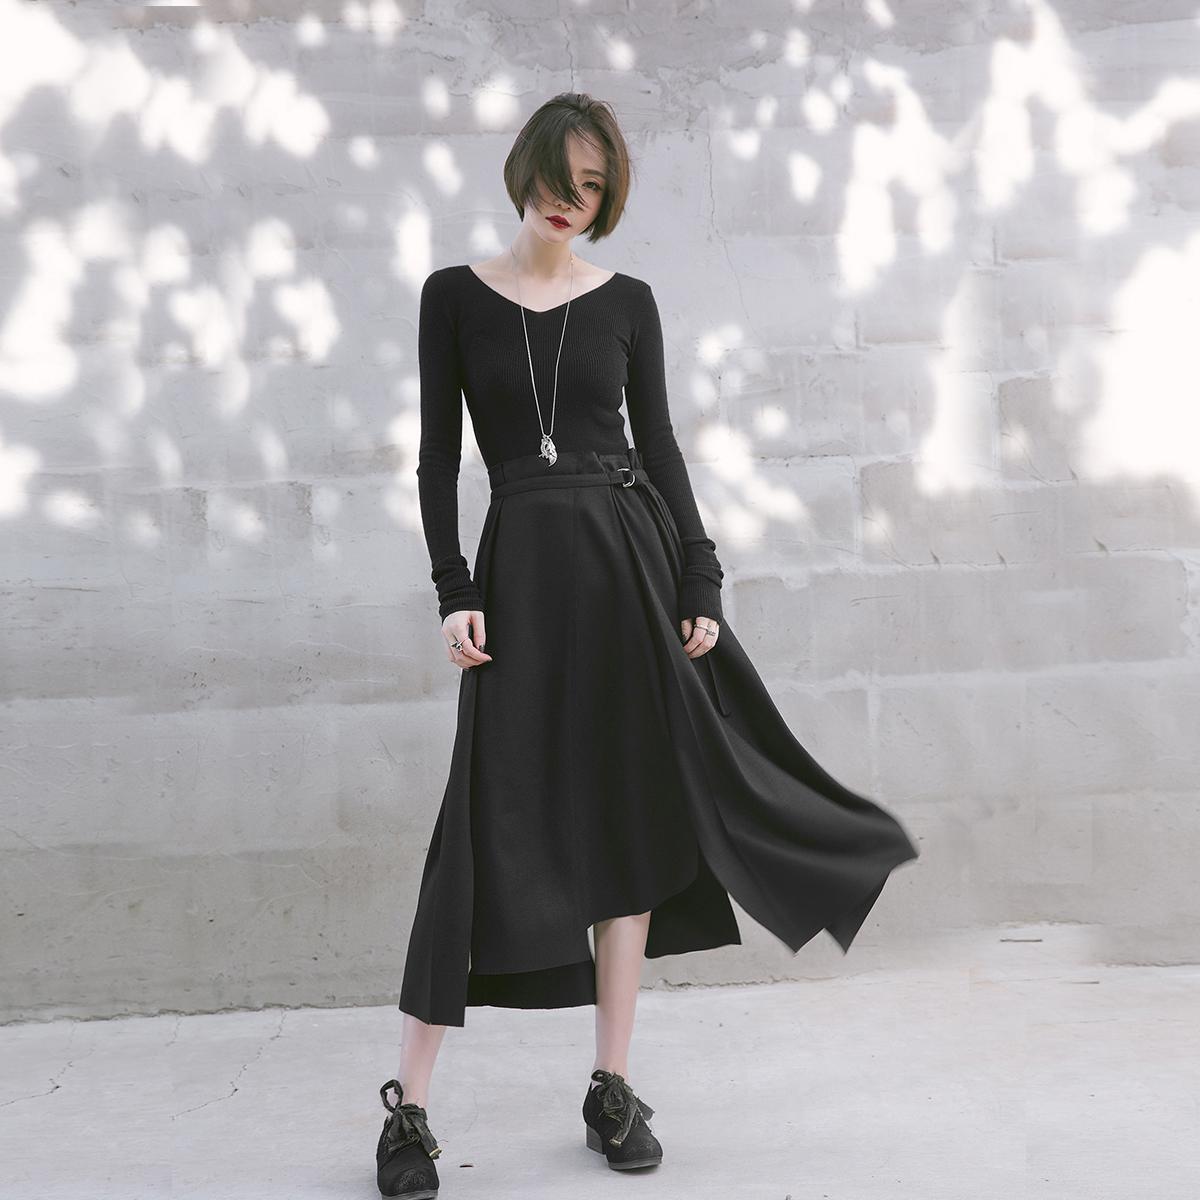 恋风/羊毛毛呢质感不对称腰头抽褶设计不规则裙摆A字半身裙